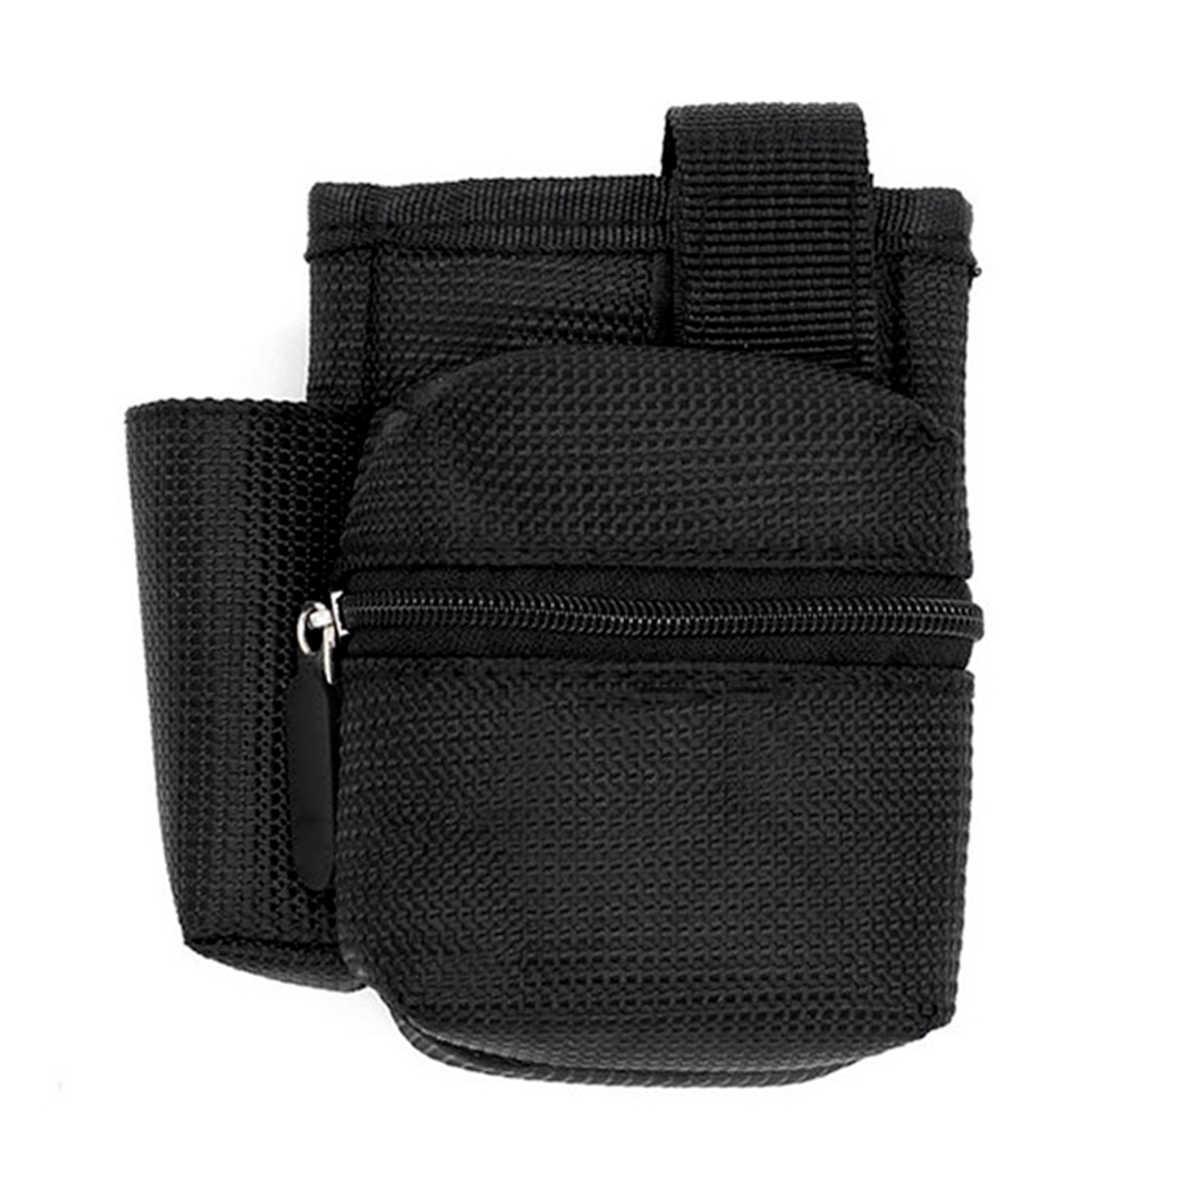 電子タバコアクセサリー高品質ボックス Mod バッグケース吸うキャリーバッグ E-Cig Diy 多機能 Hangbag ポータブルバッグ